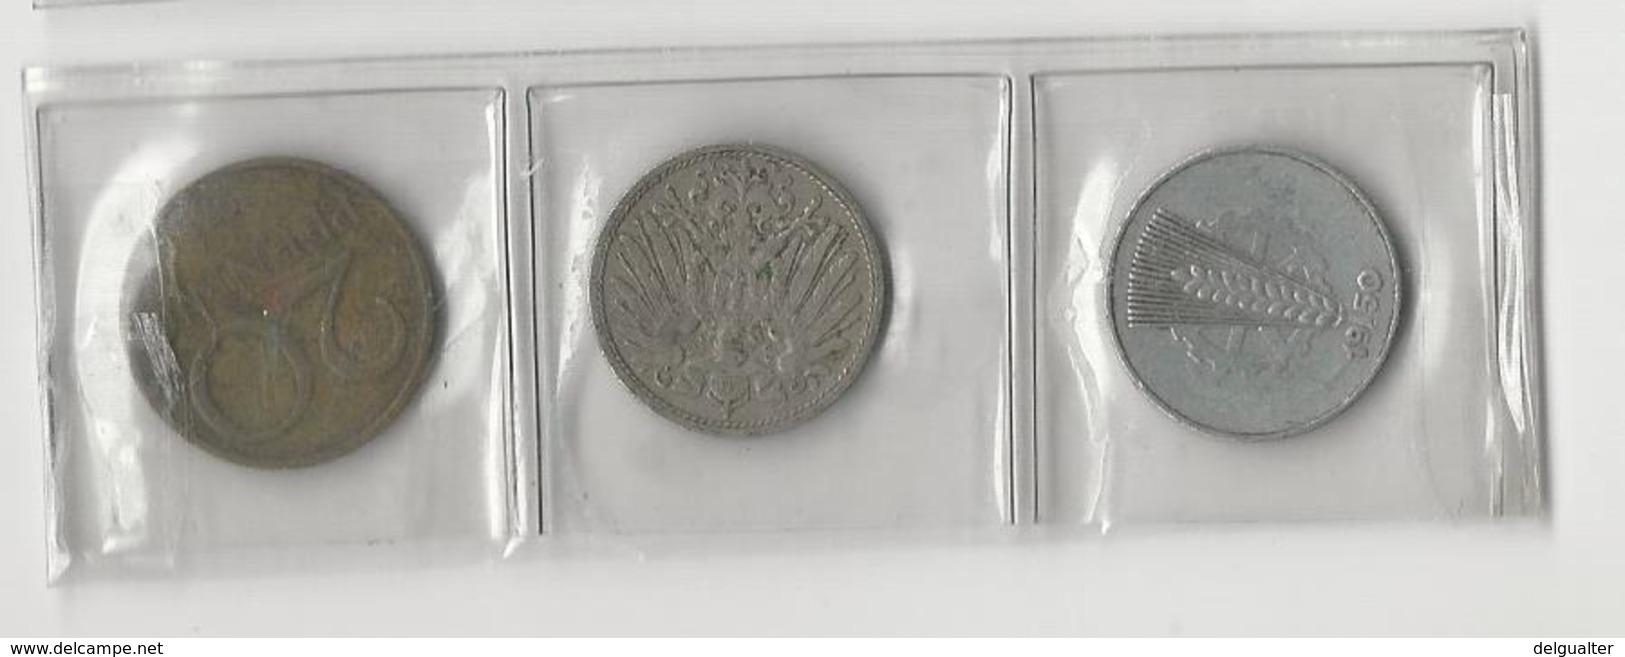 3 Coins - Münzen & Banknoten